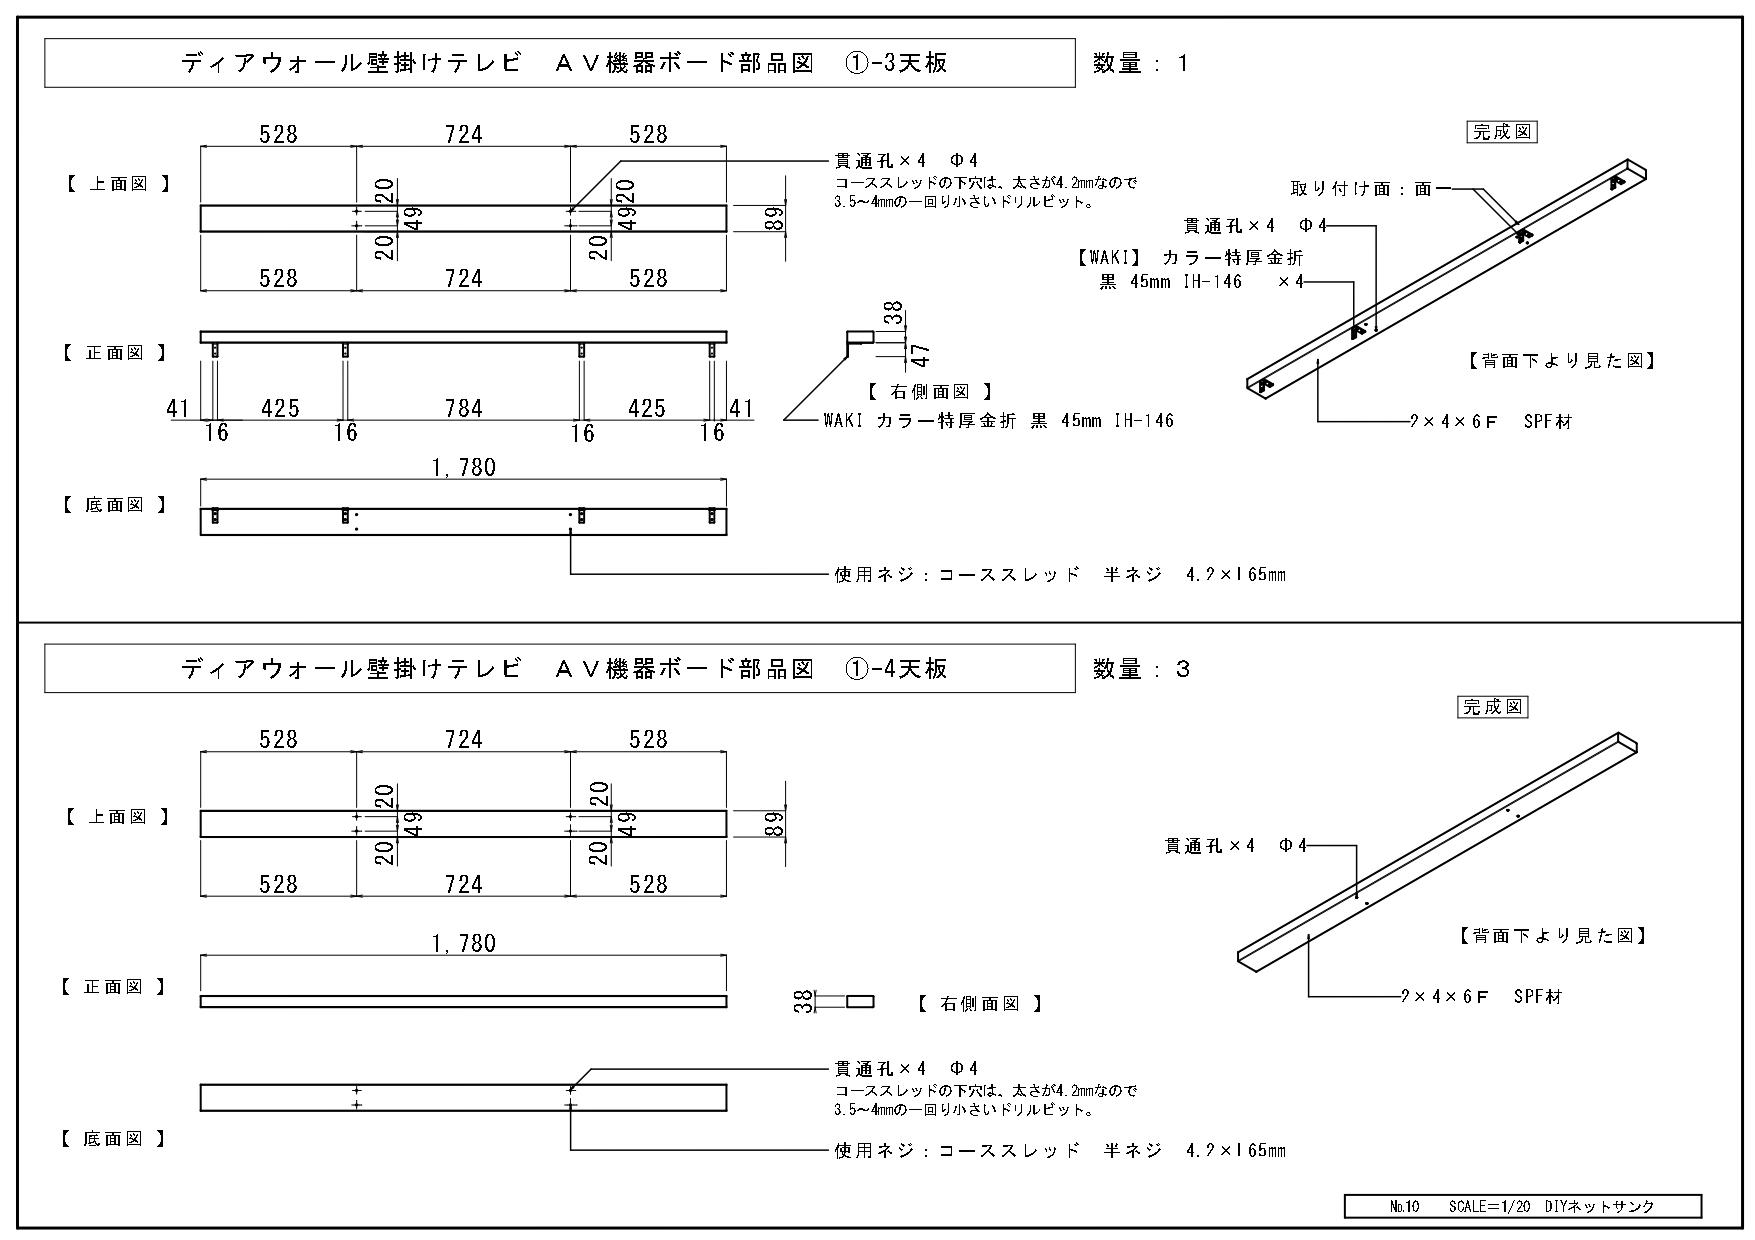 10ディアウォール壁掛けテレビAV機器ボード部品図